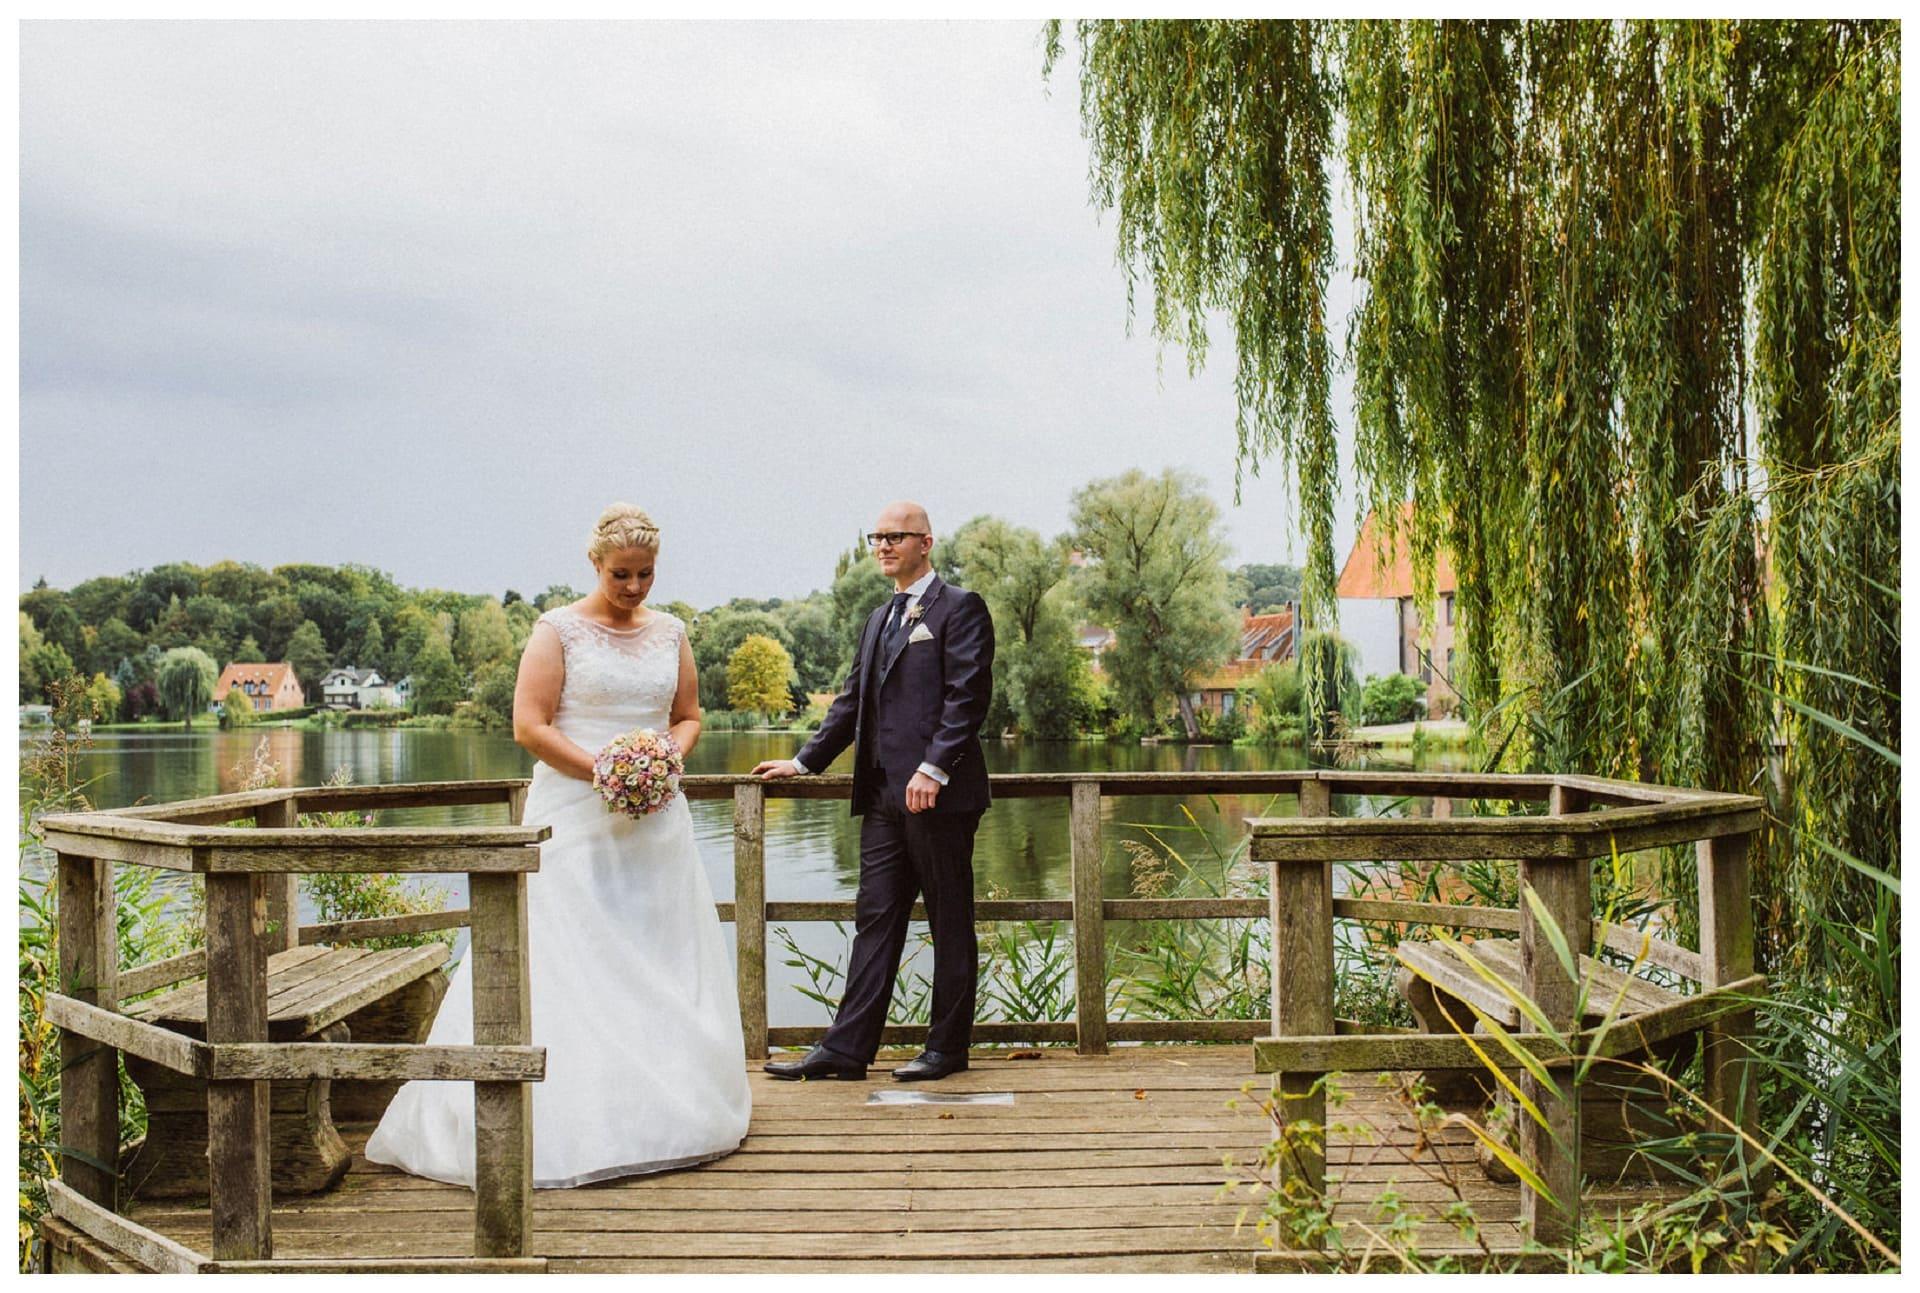 Hochzeitsfotograf Hotel Waldhof auf Herrenland Mölln, emotionale Hochzeitsreportagen in Lübeck Mööln, Scharbeutz, Travemünde www.studioamkanal.de